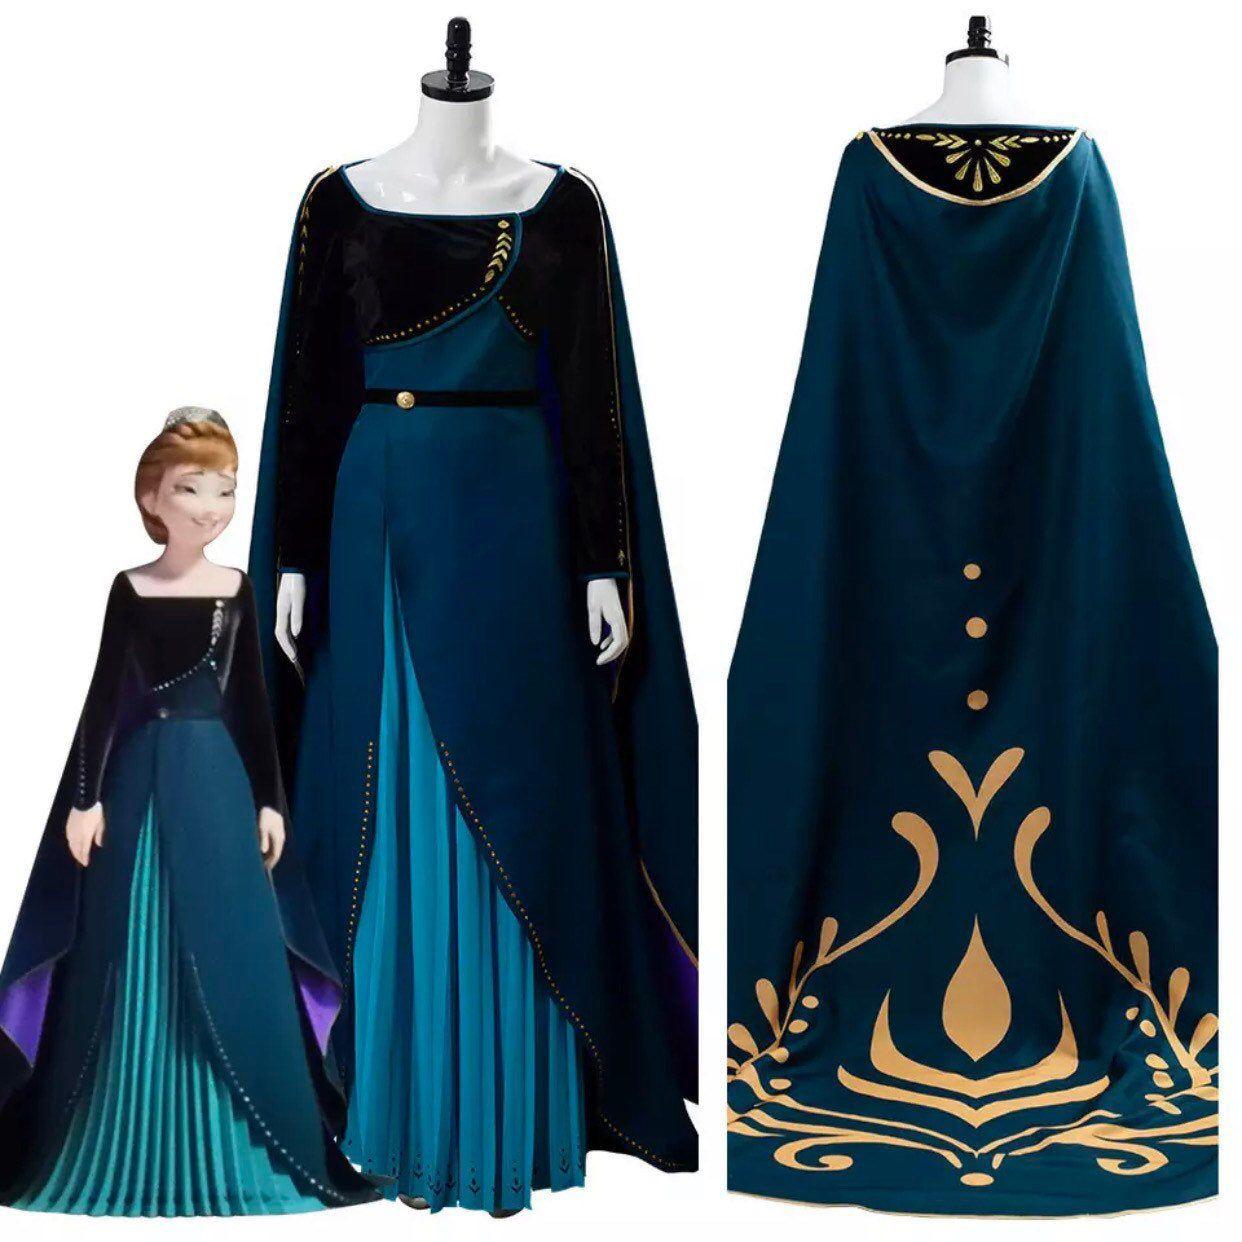 Pin By Noemi Carrasco On Dresses Queen Dress Dark Green Dress Anna Dress [ 1242 x 1242 Pixel ]